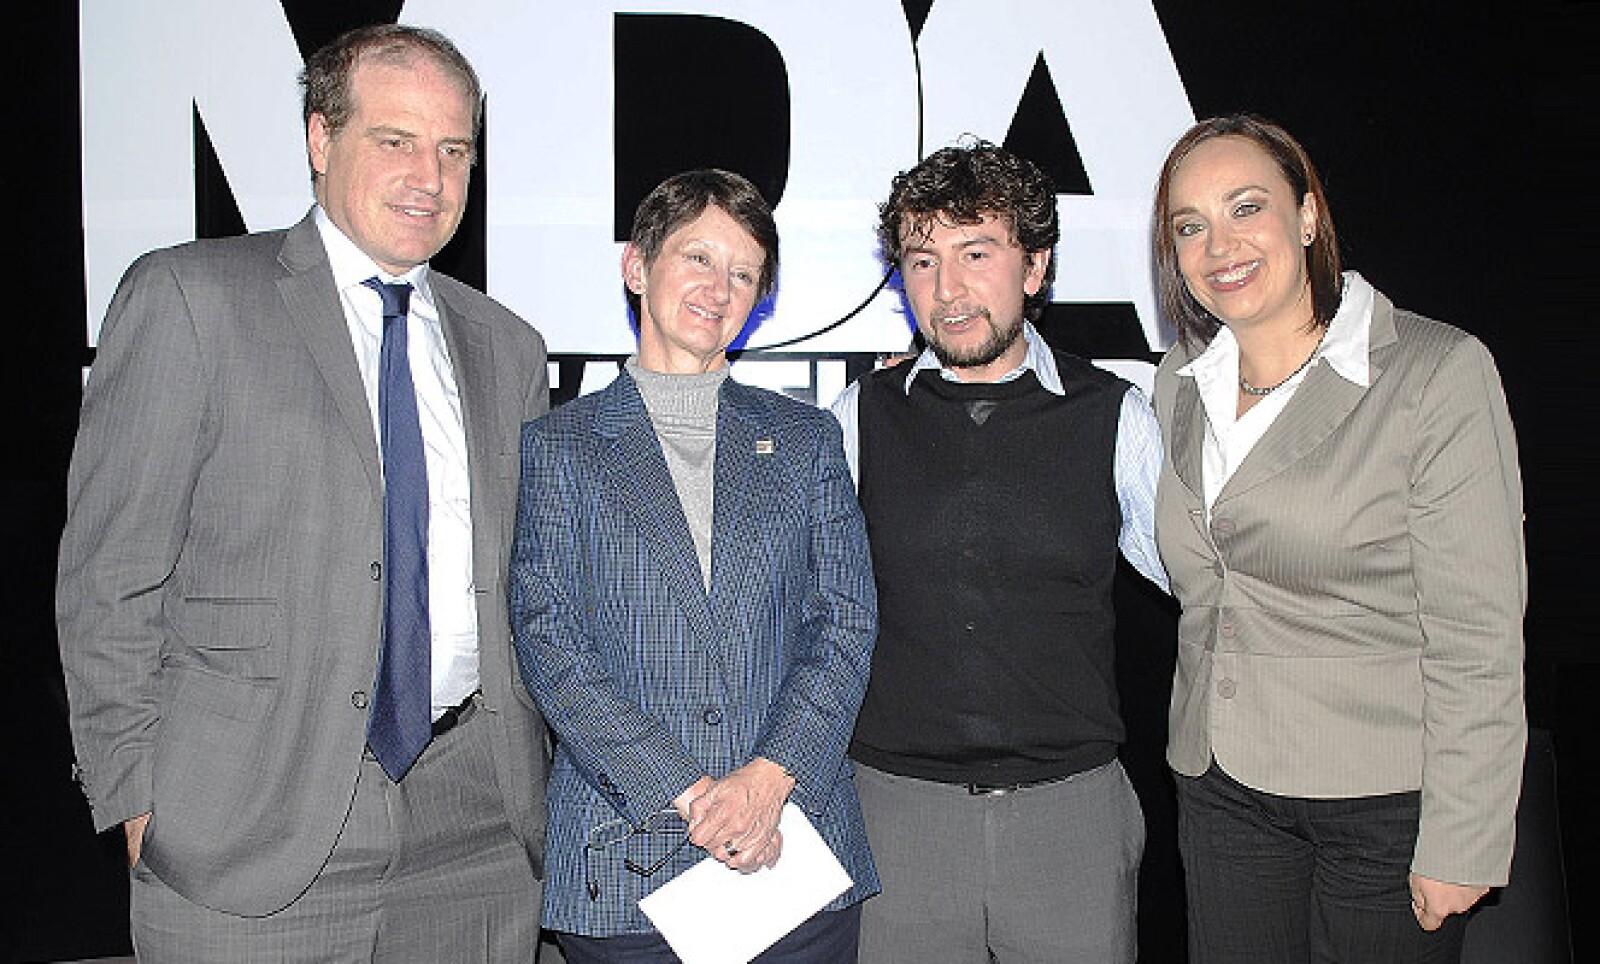 Posando para la cámara los panelistas del Manufacturero Del Año 2011